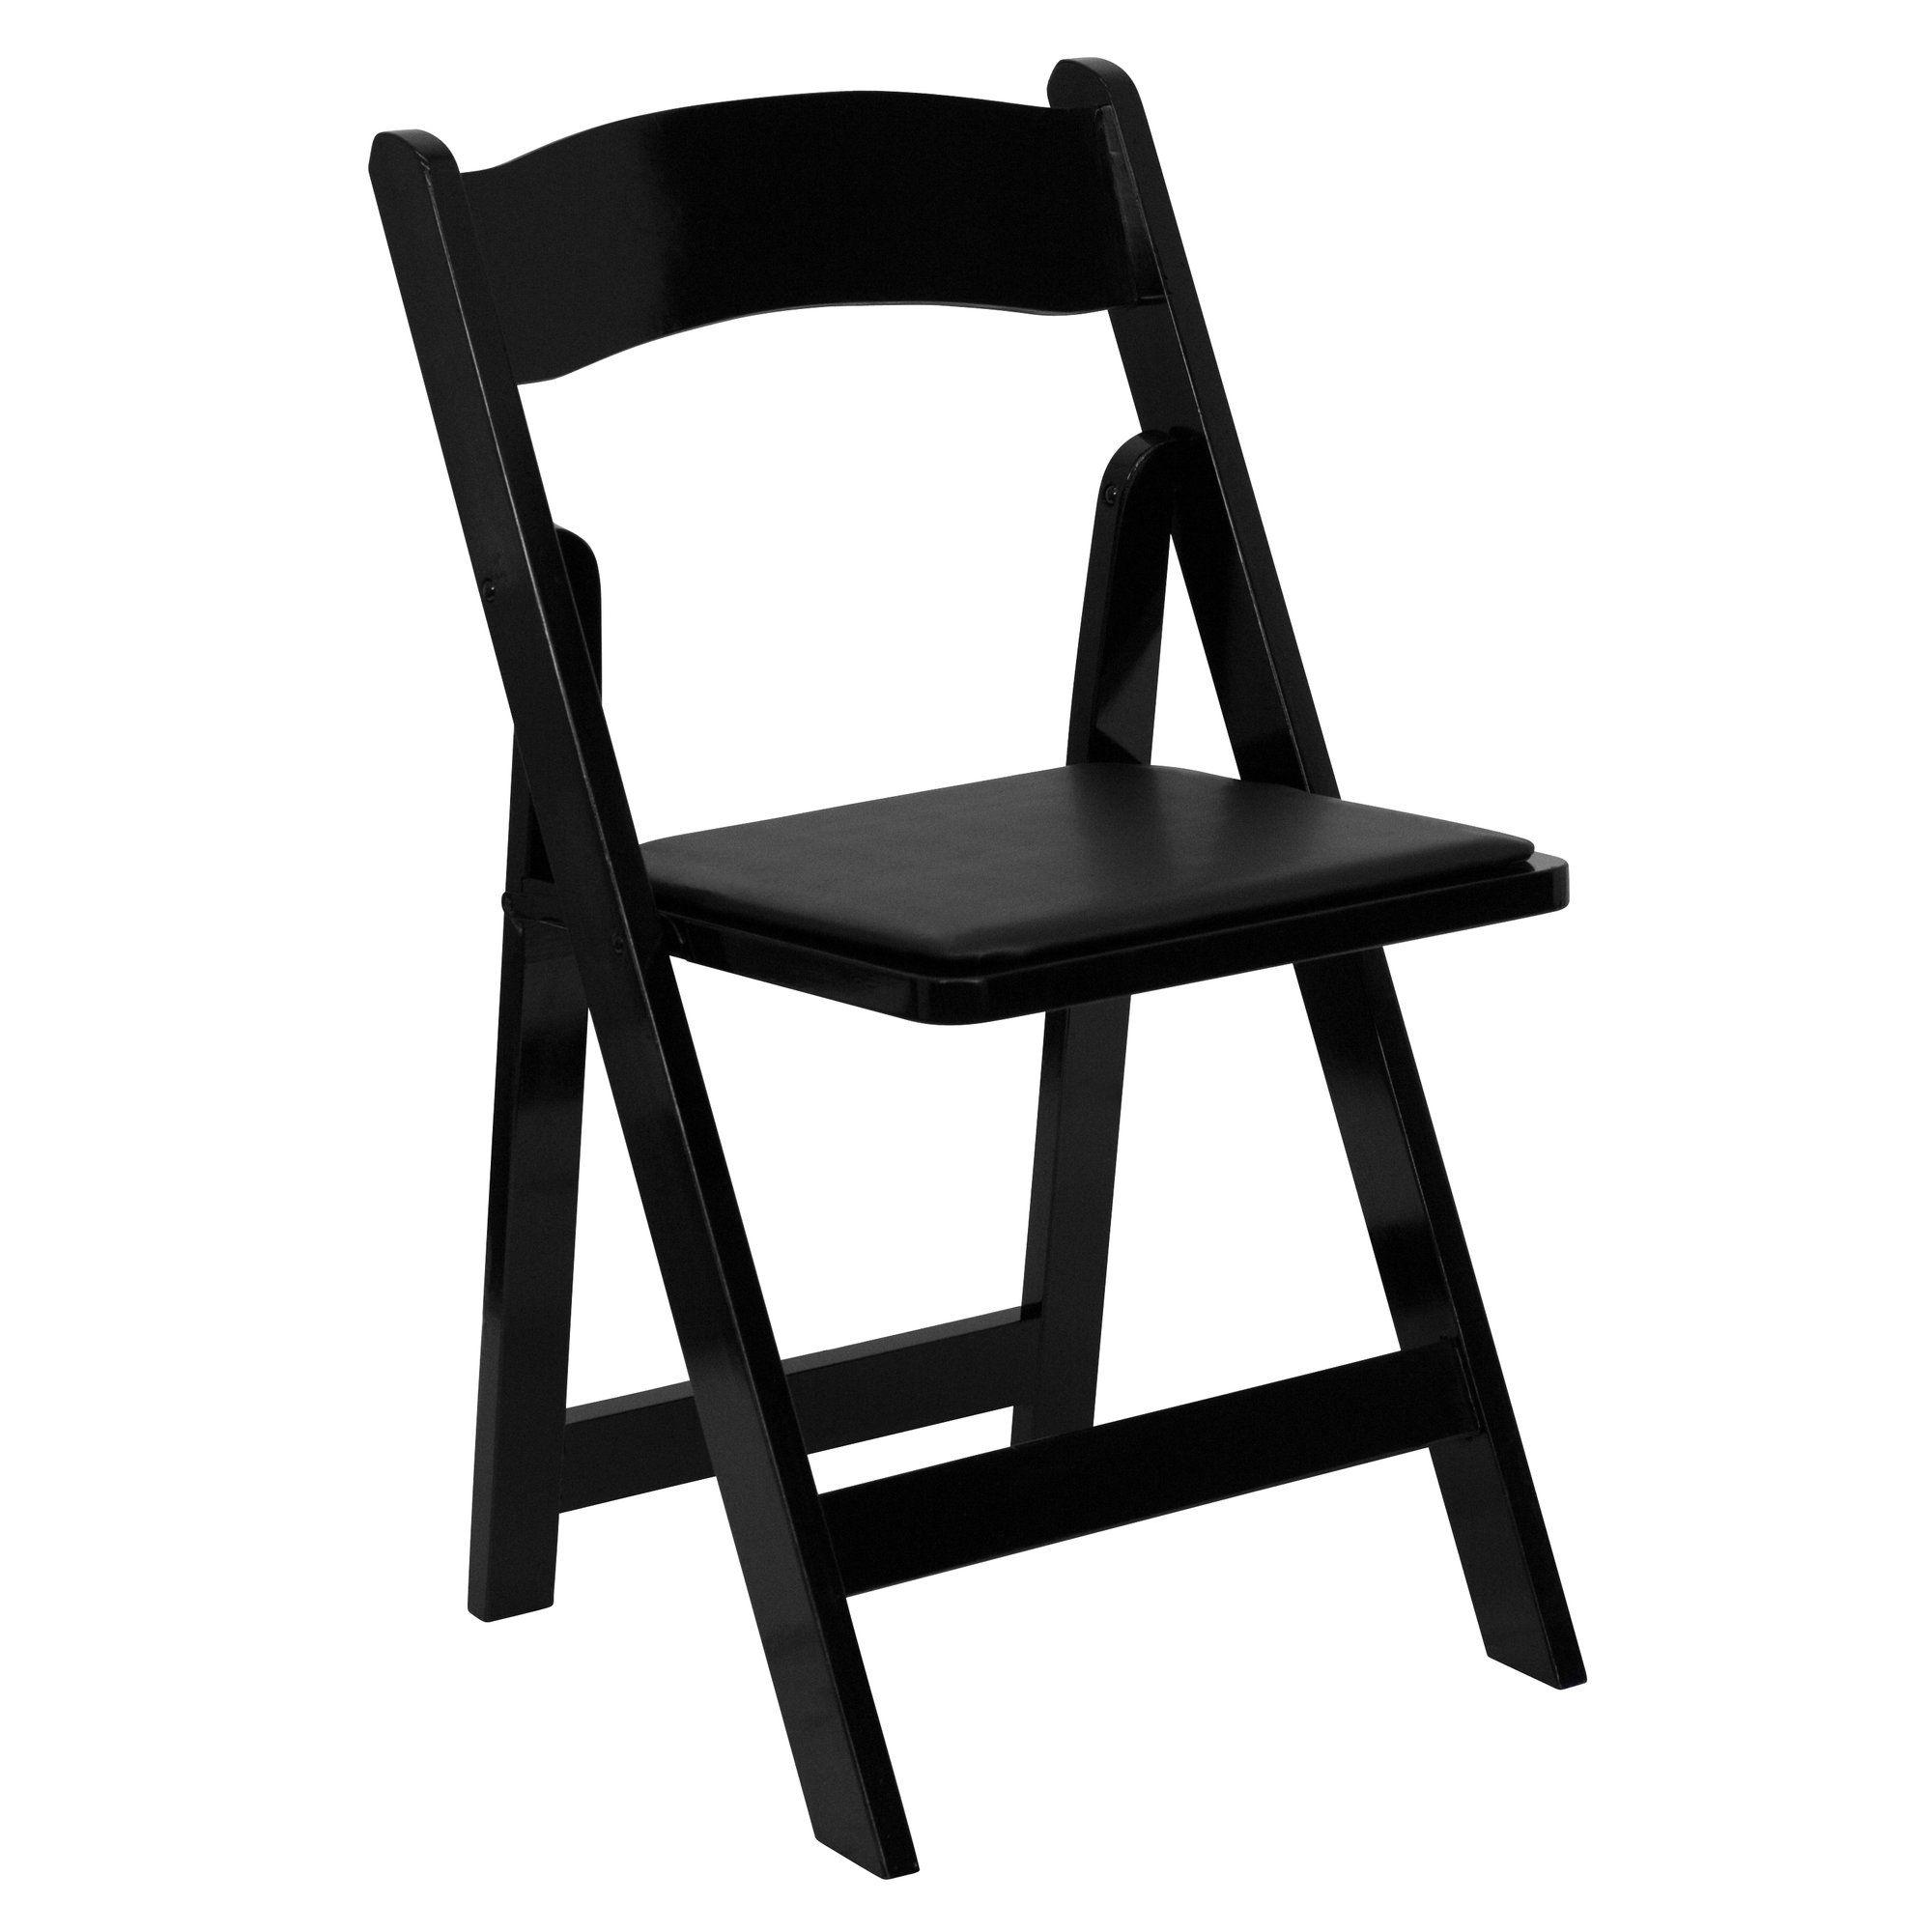 Inspirierend Klappstuhl Gepolstert Sammlung Von Gepolsterter - Gepolsterte Folding Chair : Holen